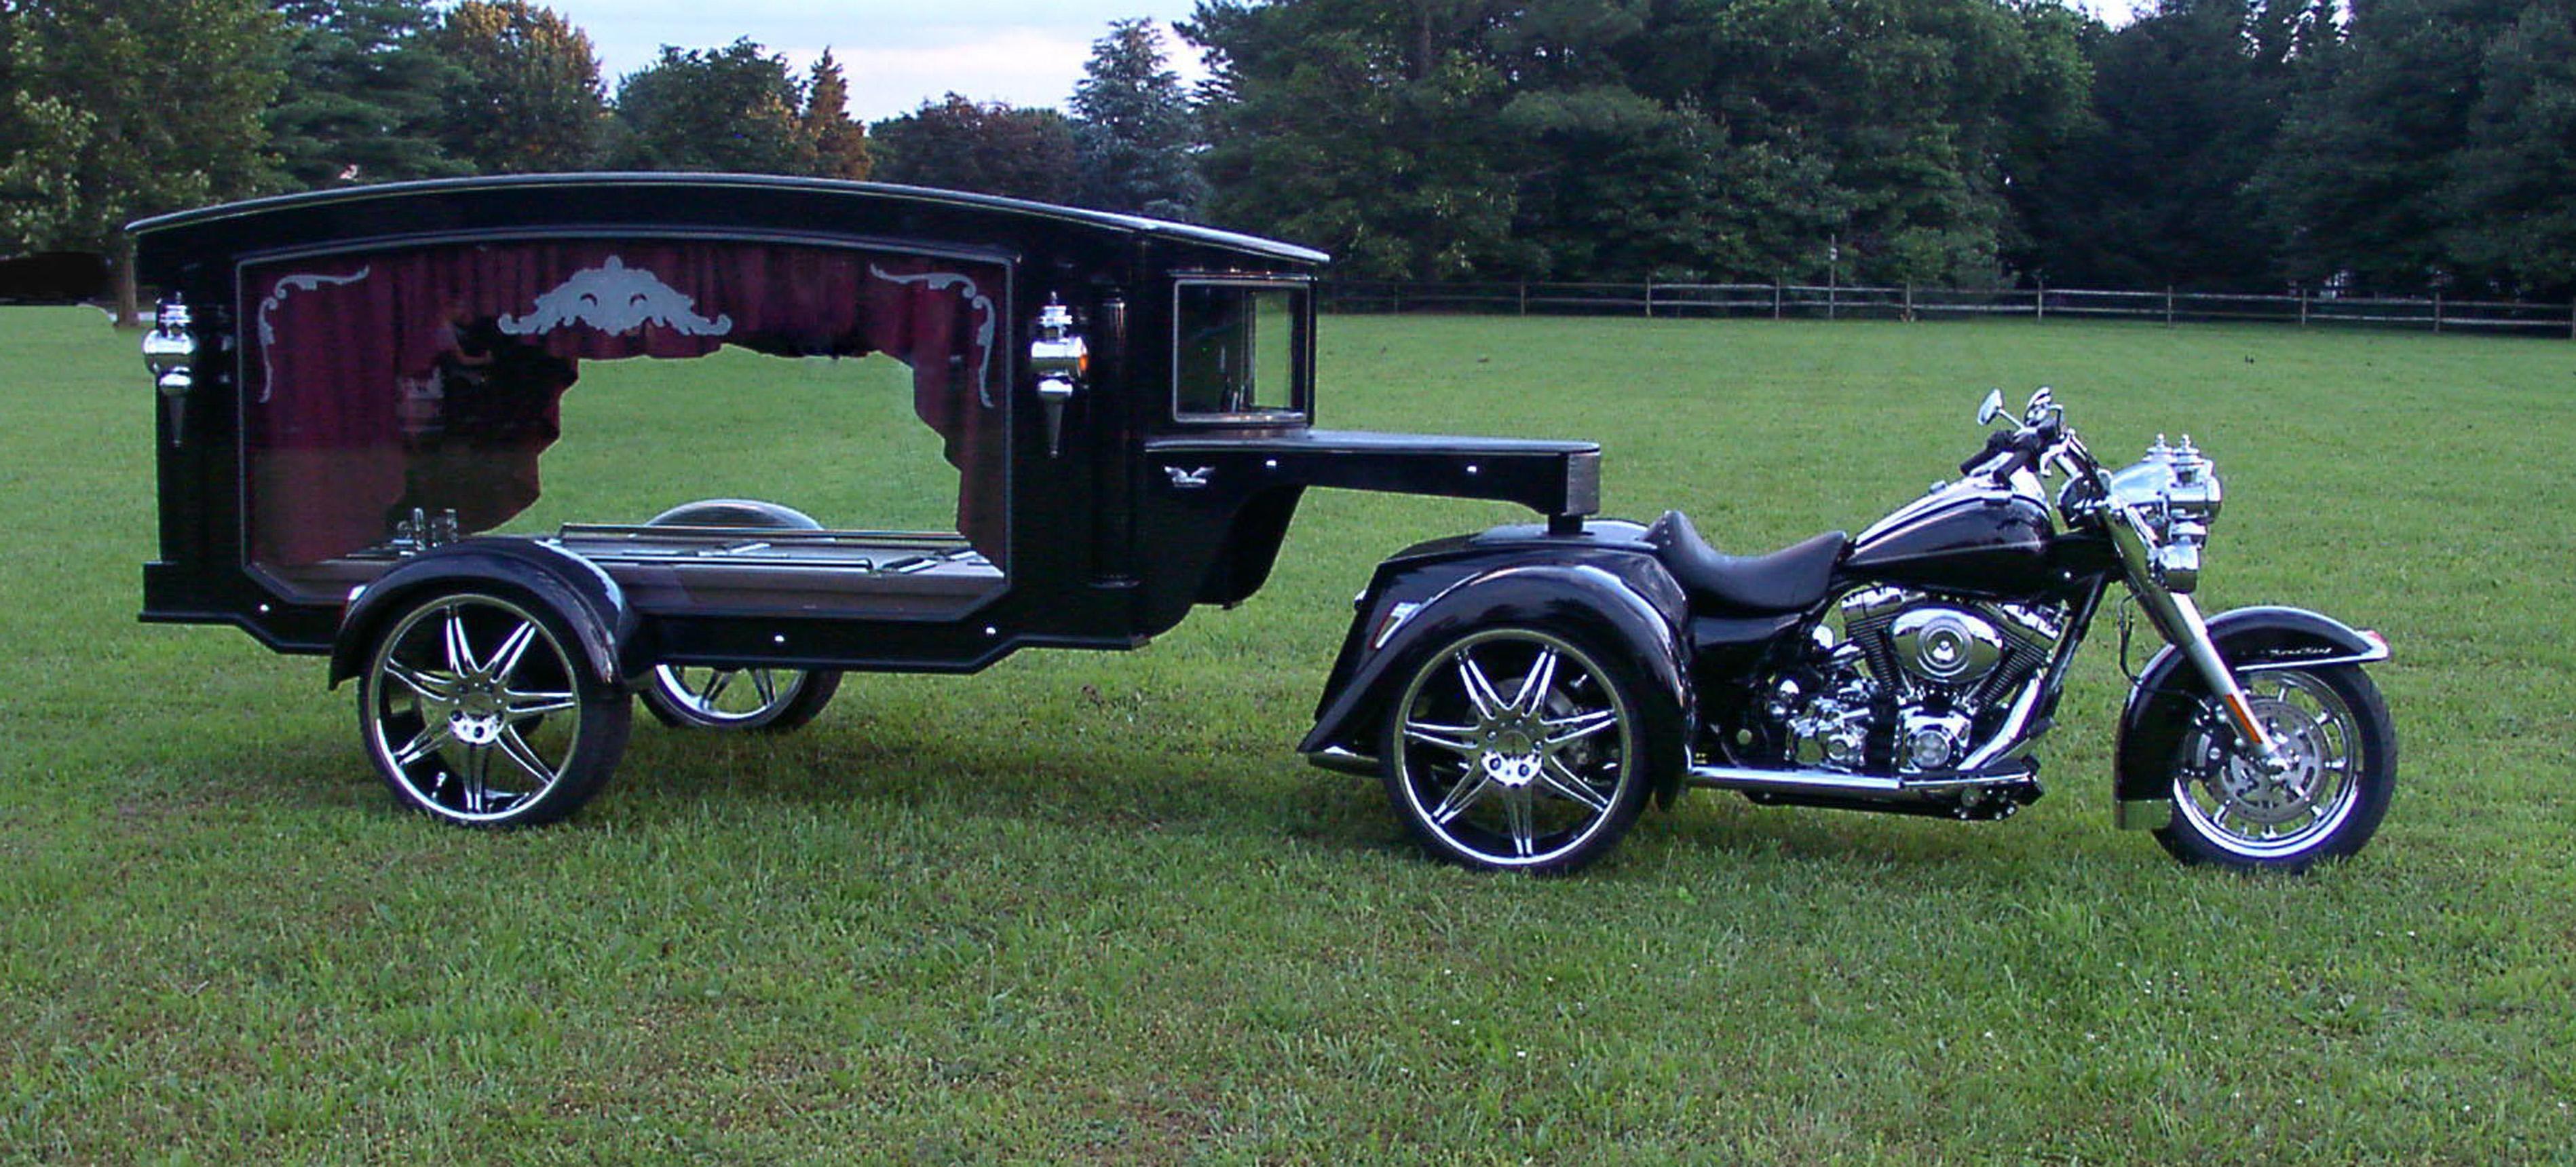 delmarva motorcycle hearse company. Black Bedroom Furniture Sets. Home Design Ideas